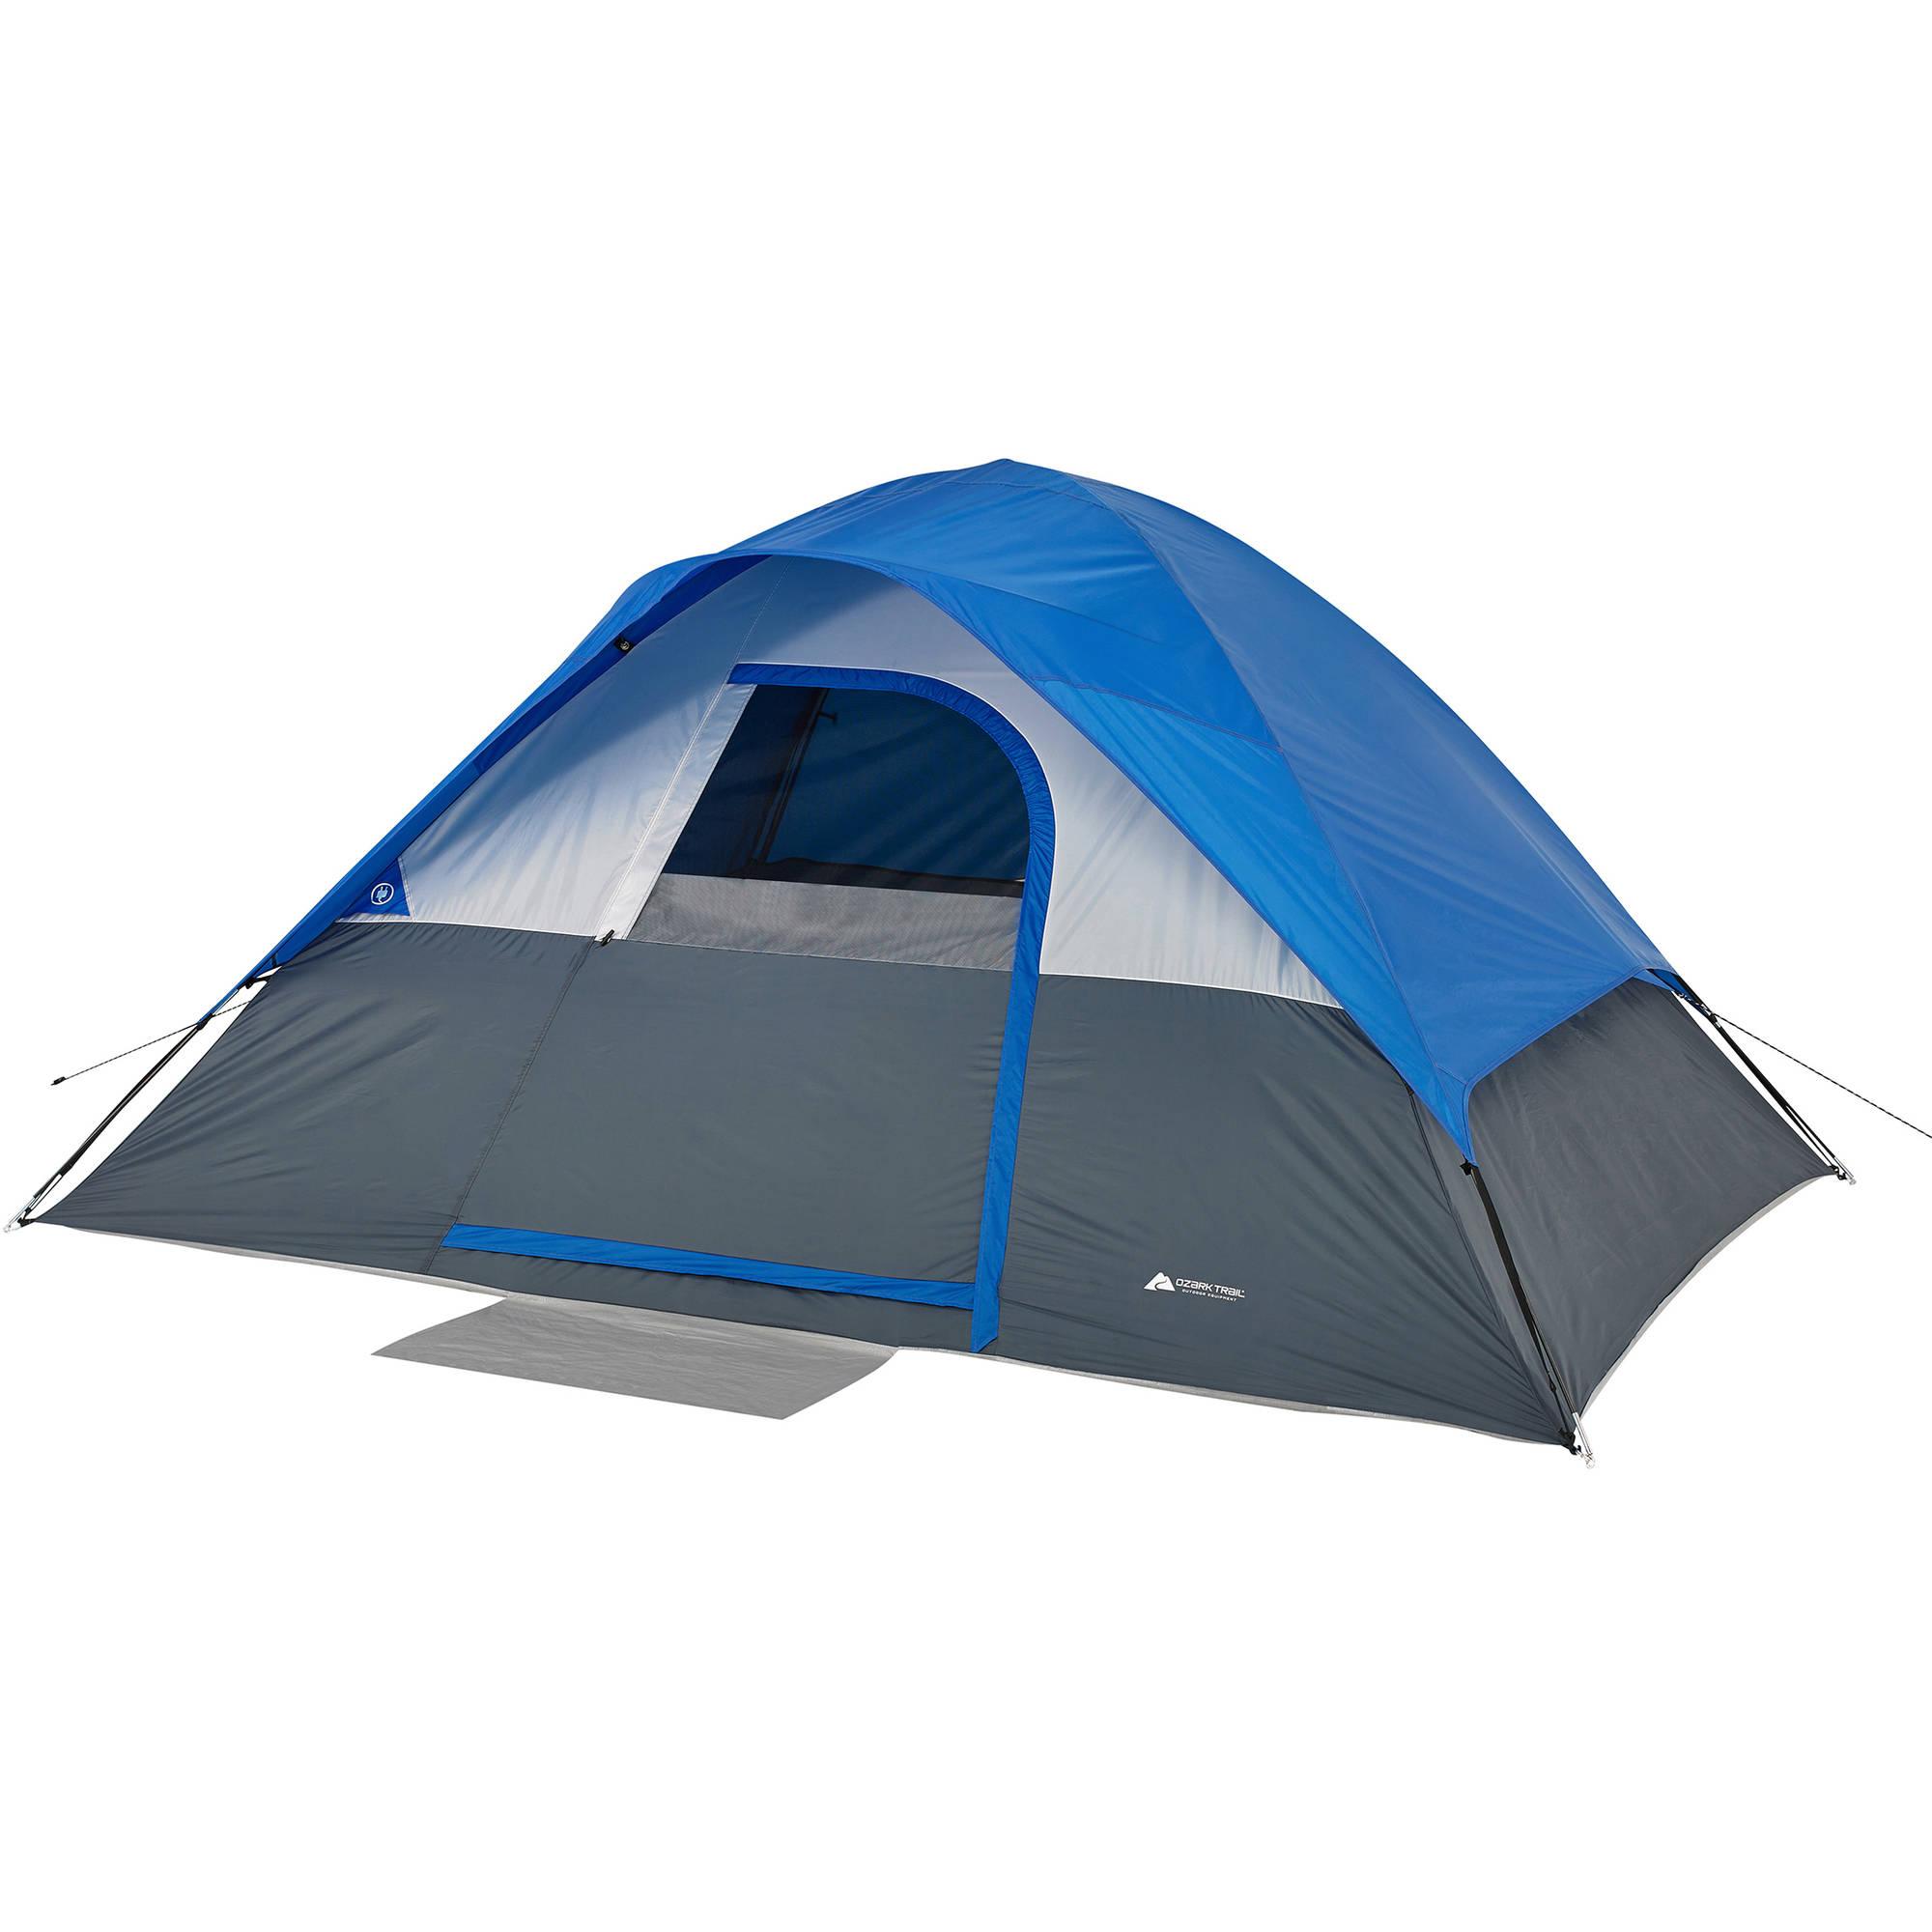 Ozark Trail 5-Person Dome Tent - Walmart.com